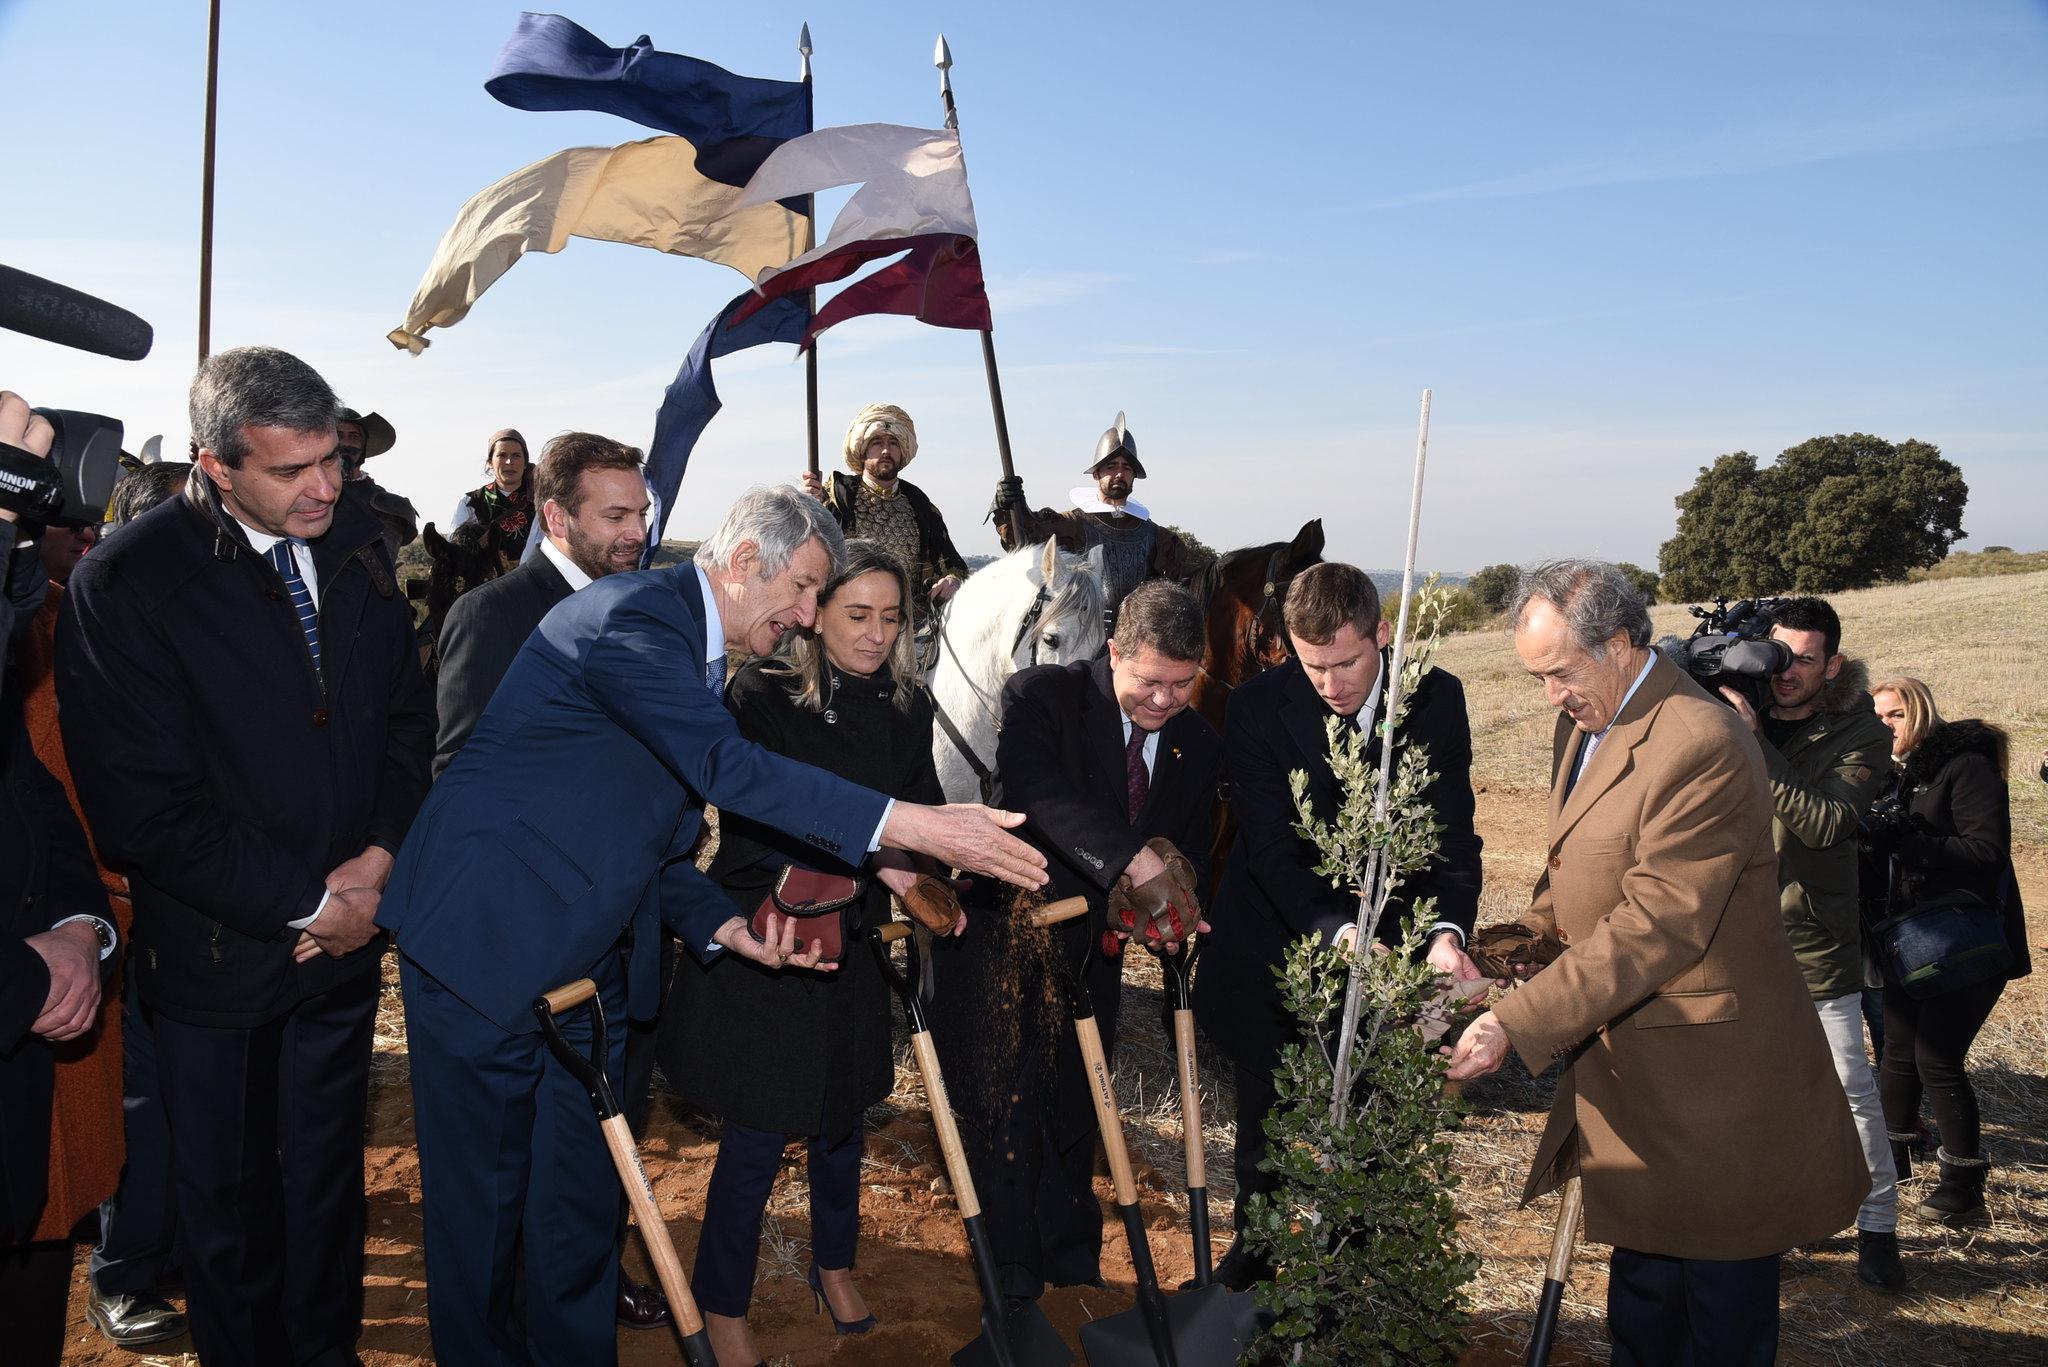 200528 - Acto de colocación de la primera piedra del futuro parque temático Puy du Fou España by José Ramón Márquez JCCM - La Déviation